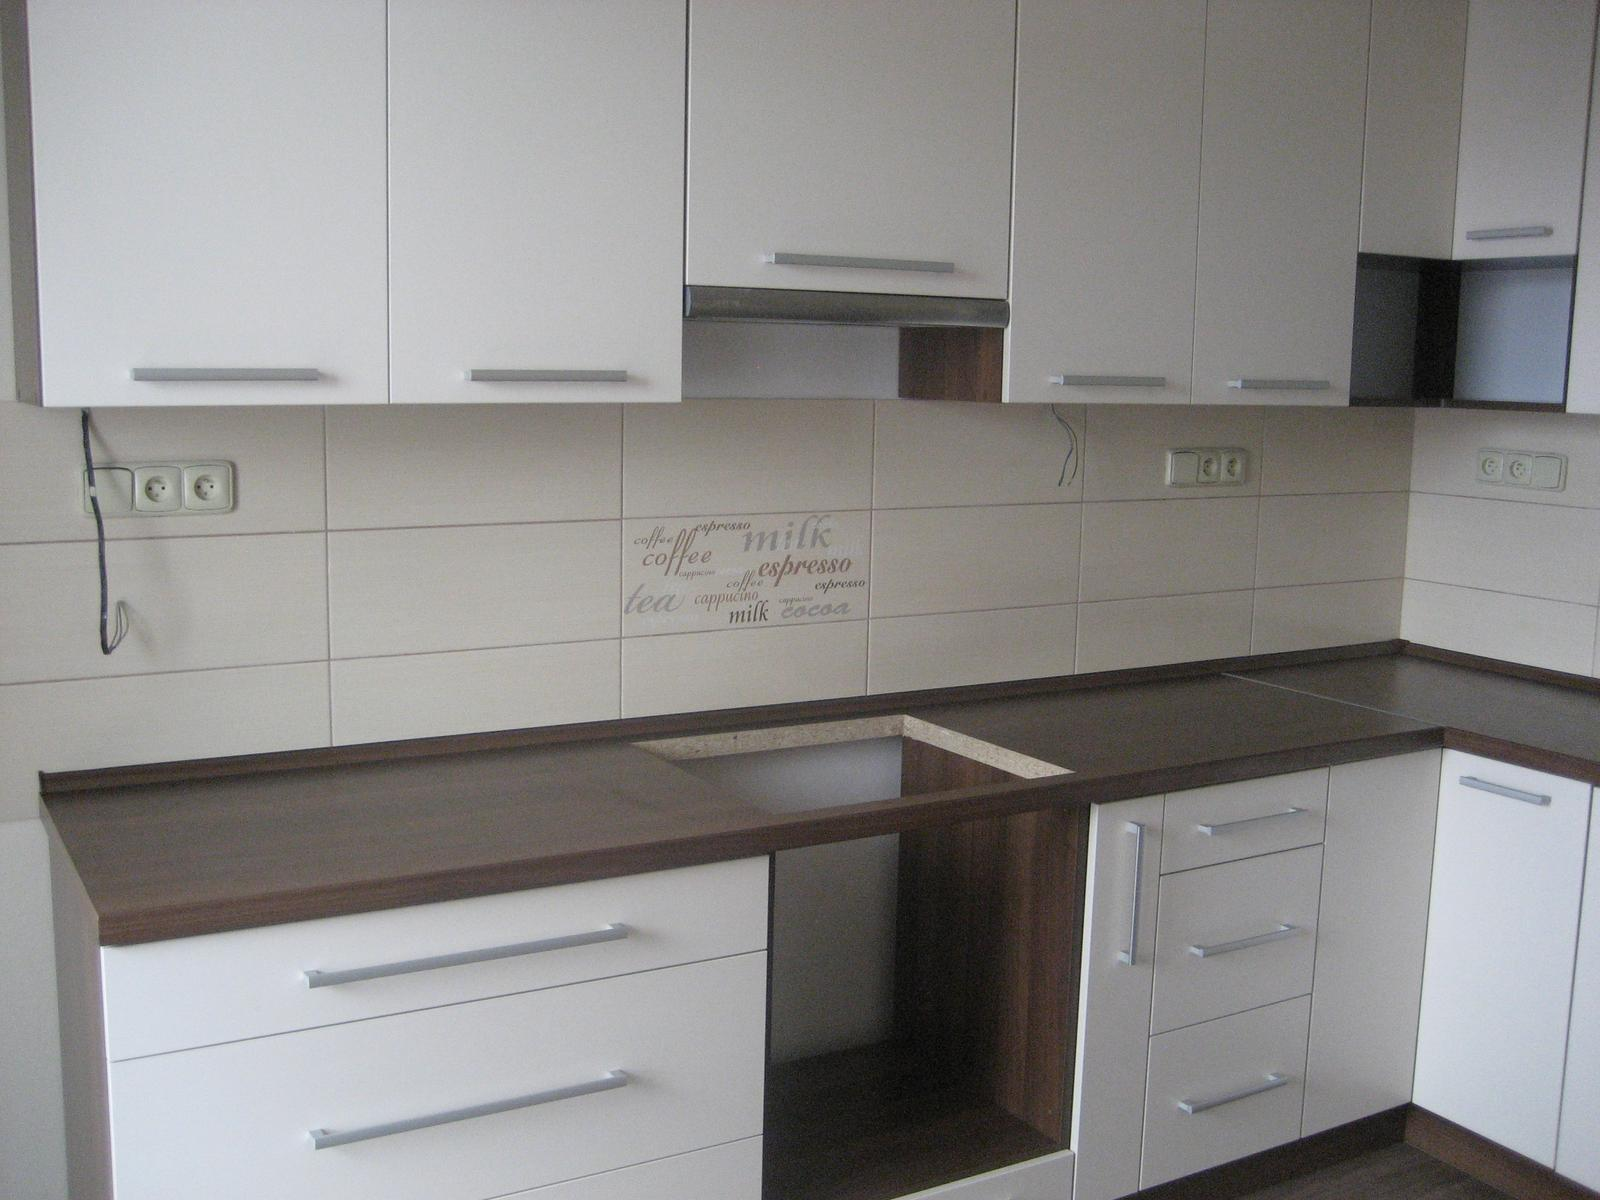 Plávajúca podlaha verzus dlažba v kuchyni - - Pod... 50d8c4fca62